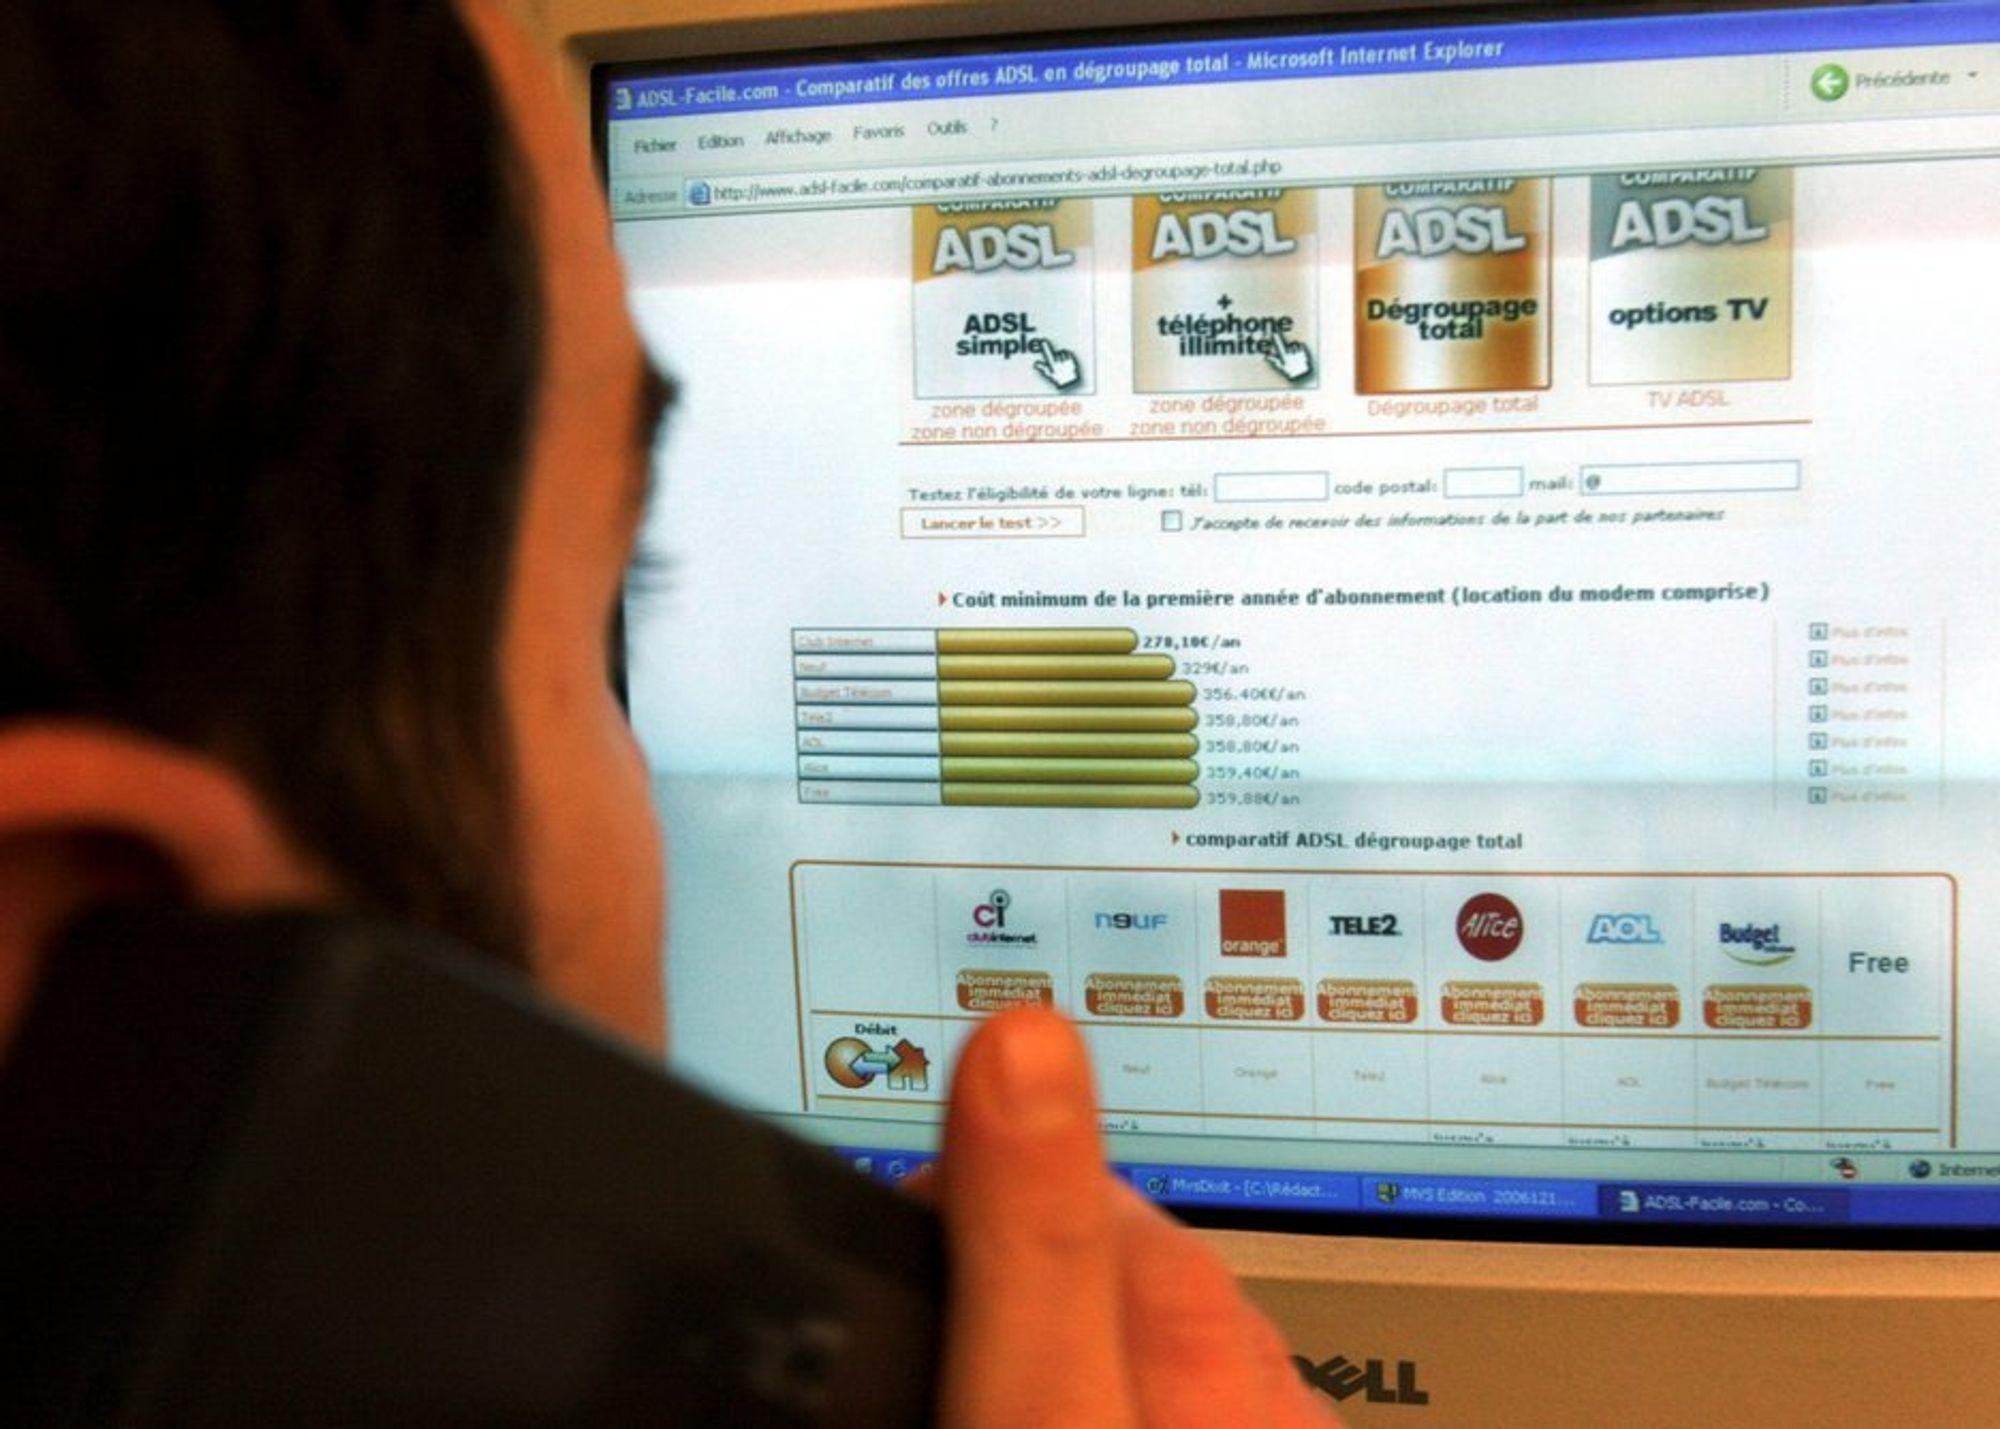 Lekker: Hemmelig informasjon forvinner ut av bedriftene også lenge etter at ansatte har sluttet.